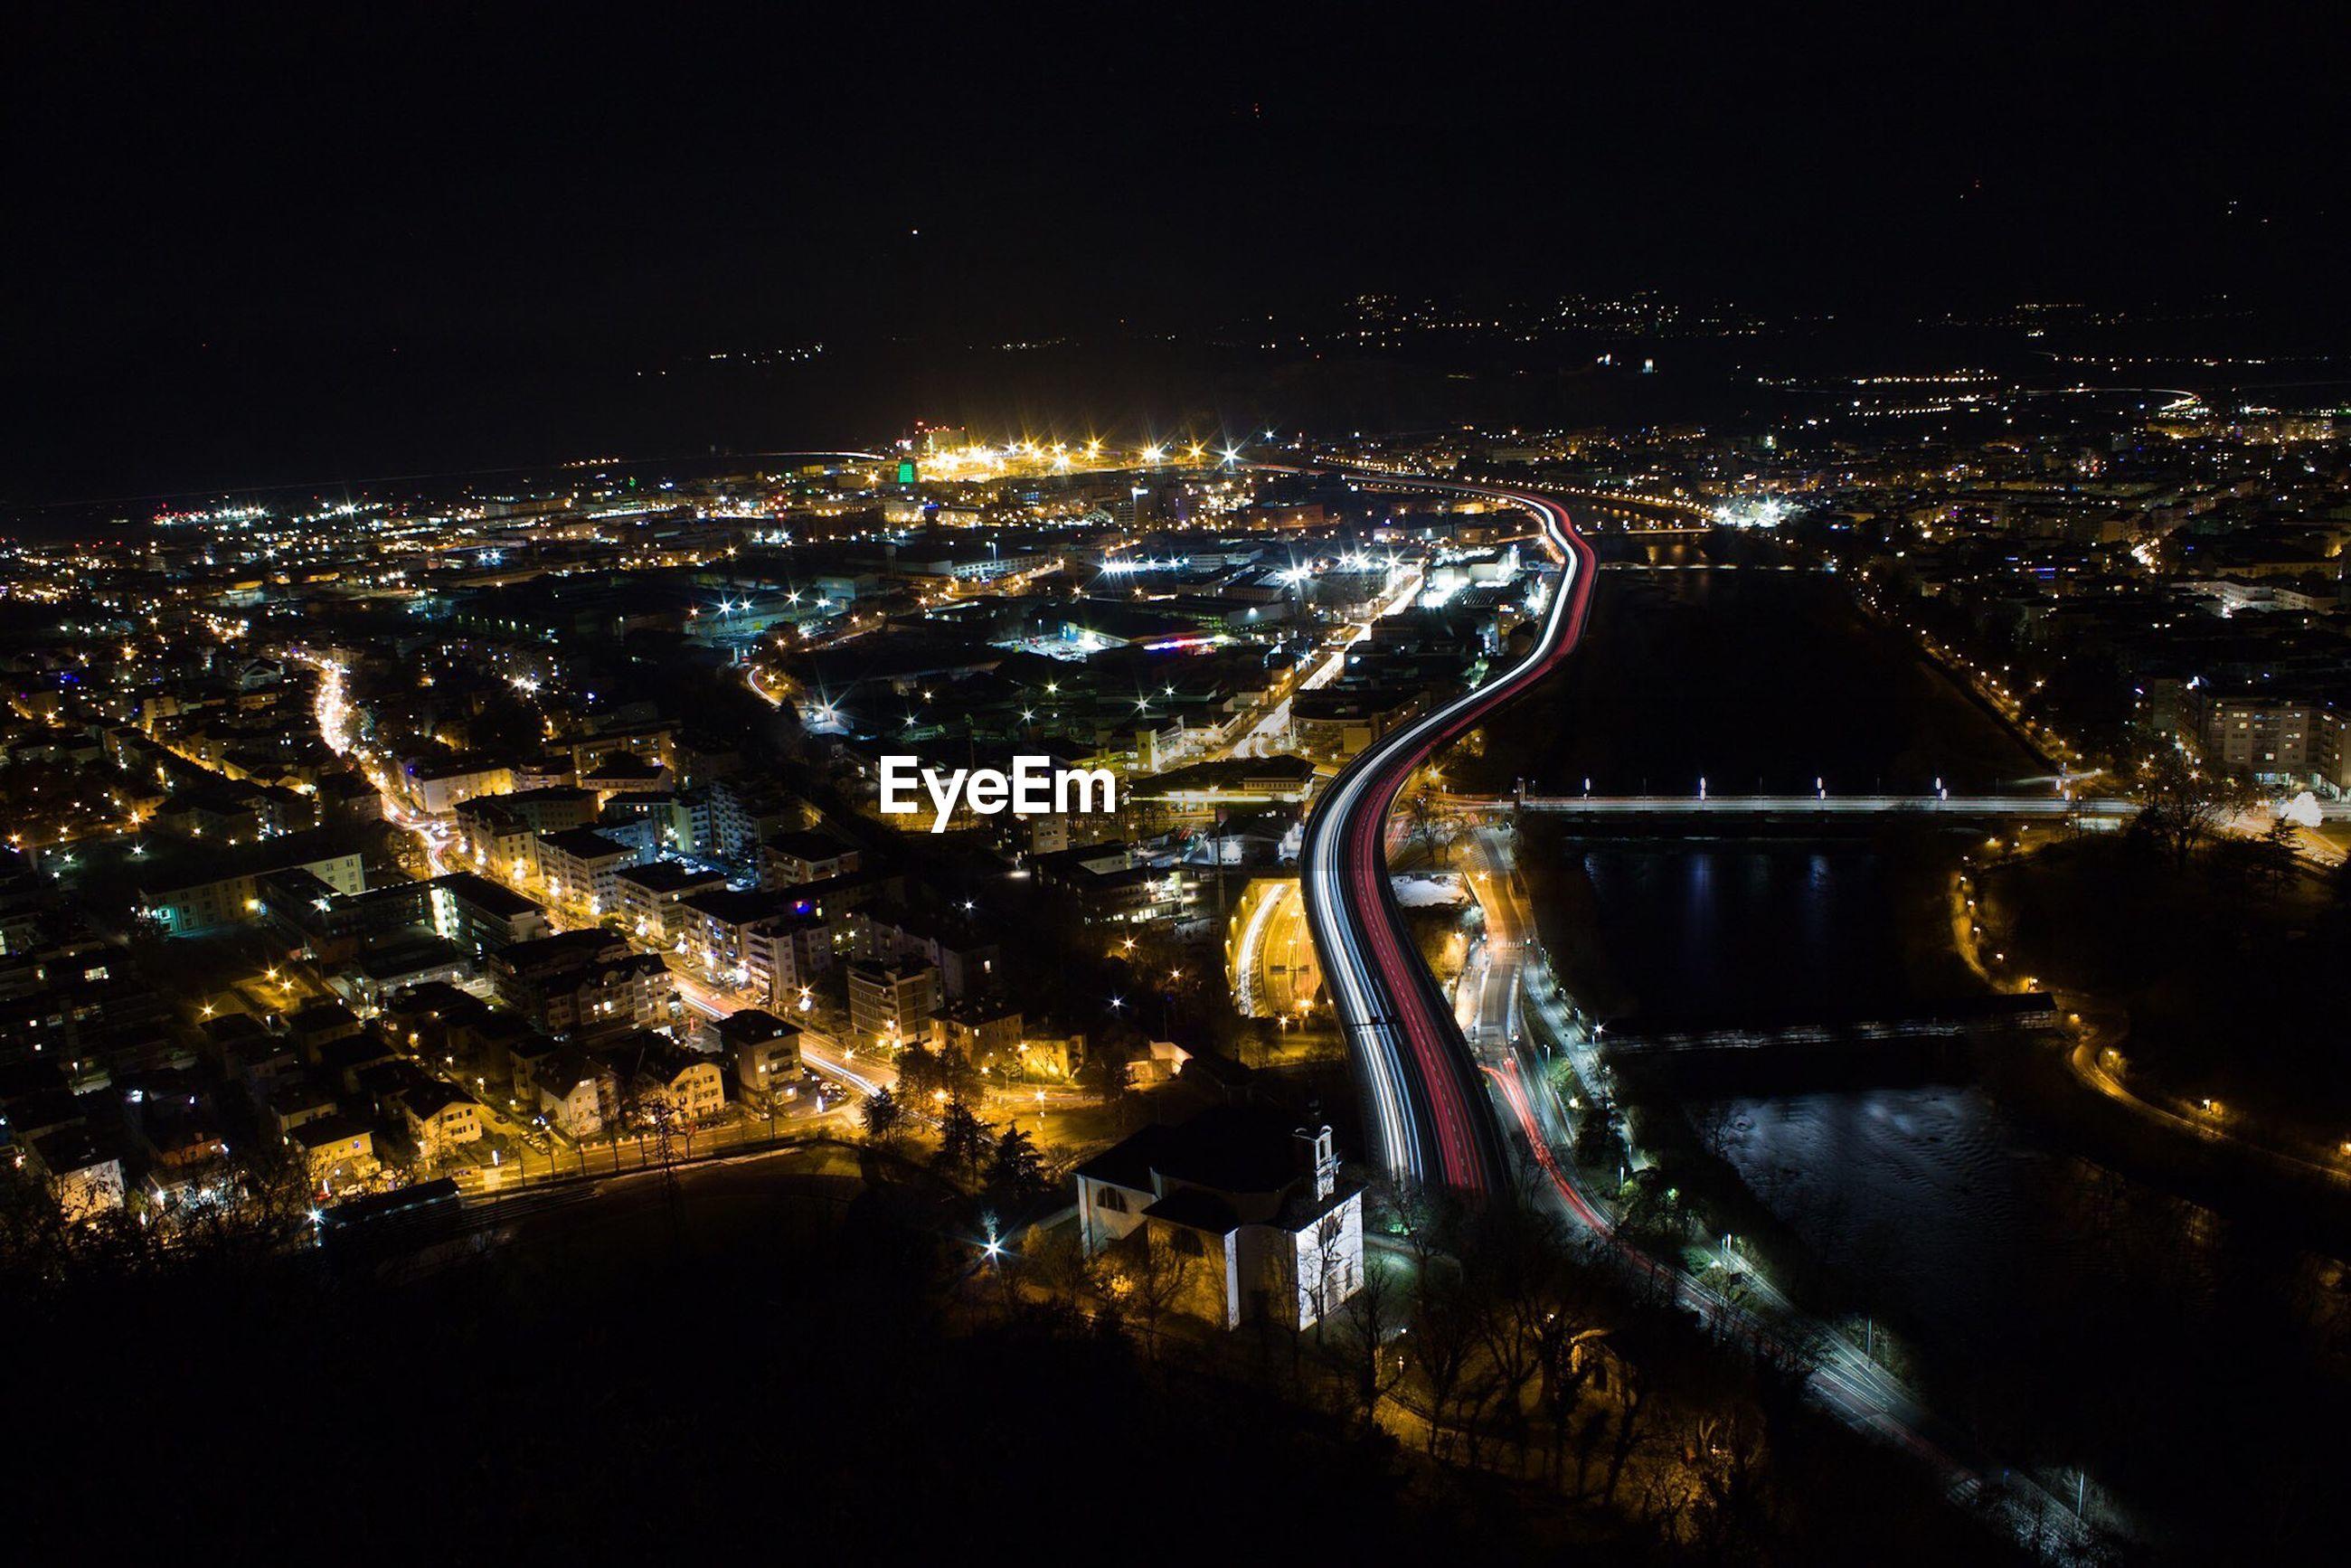 Idyllic view of illuminated cityscape at night